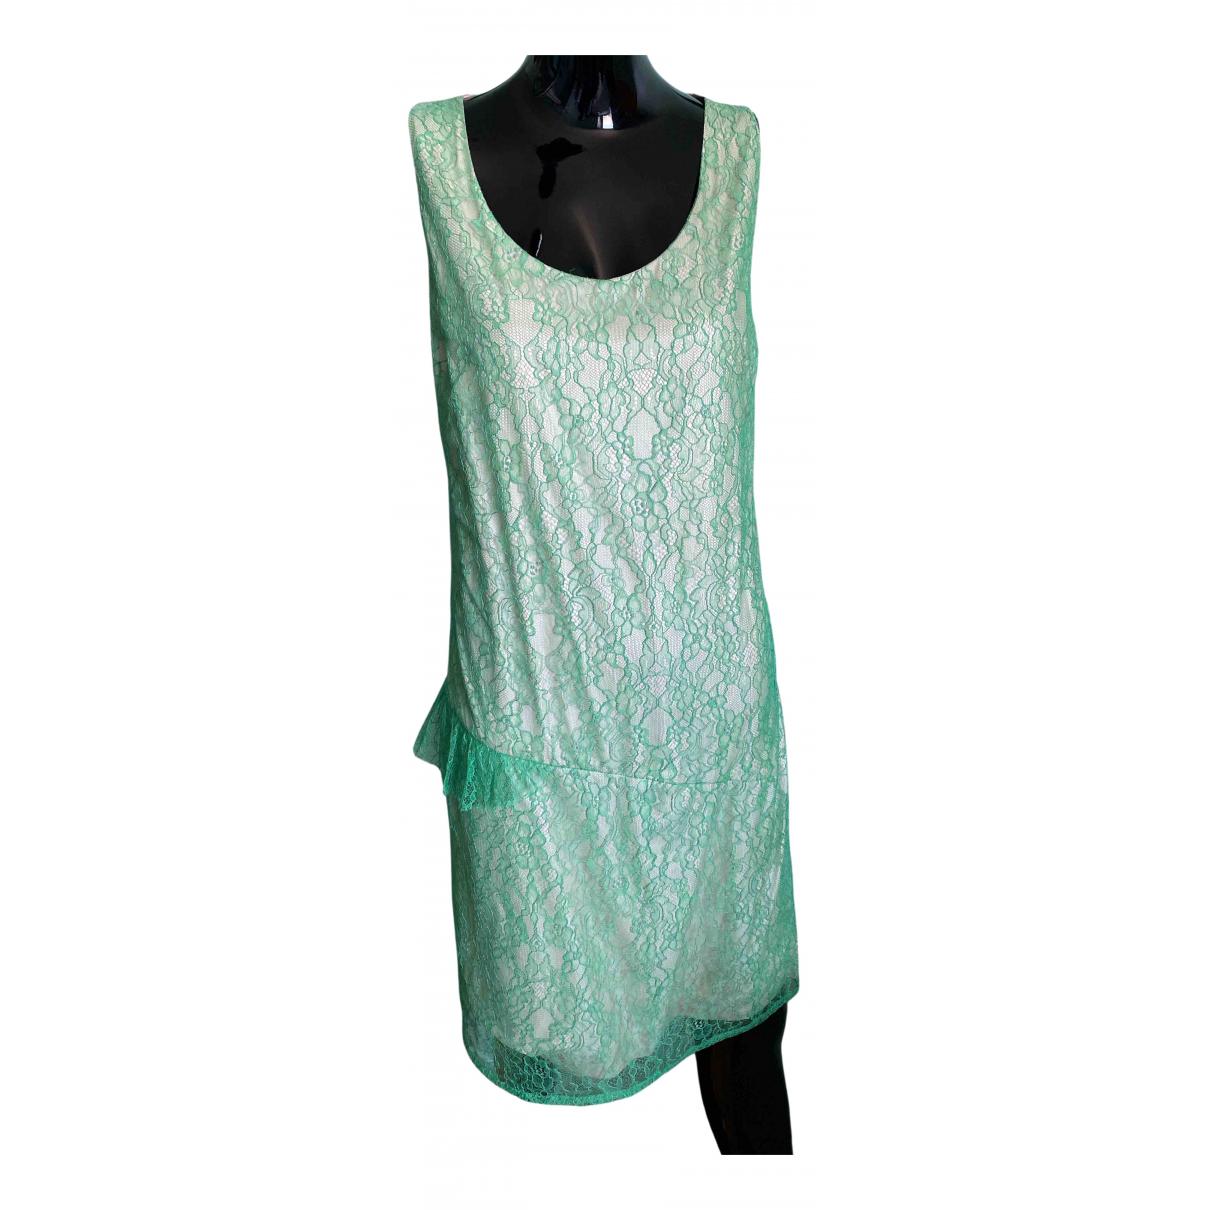 Veronique Branquinho \N Kleid in  Gruen Polyester